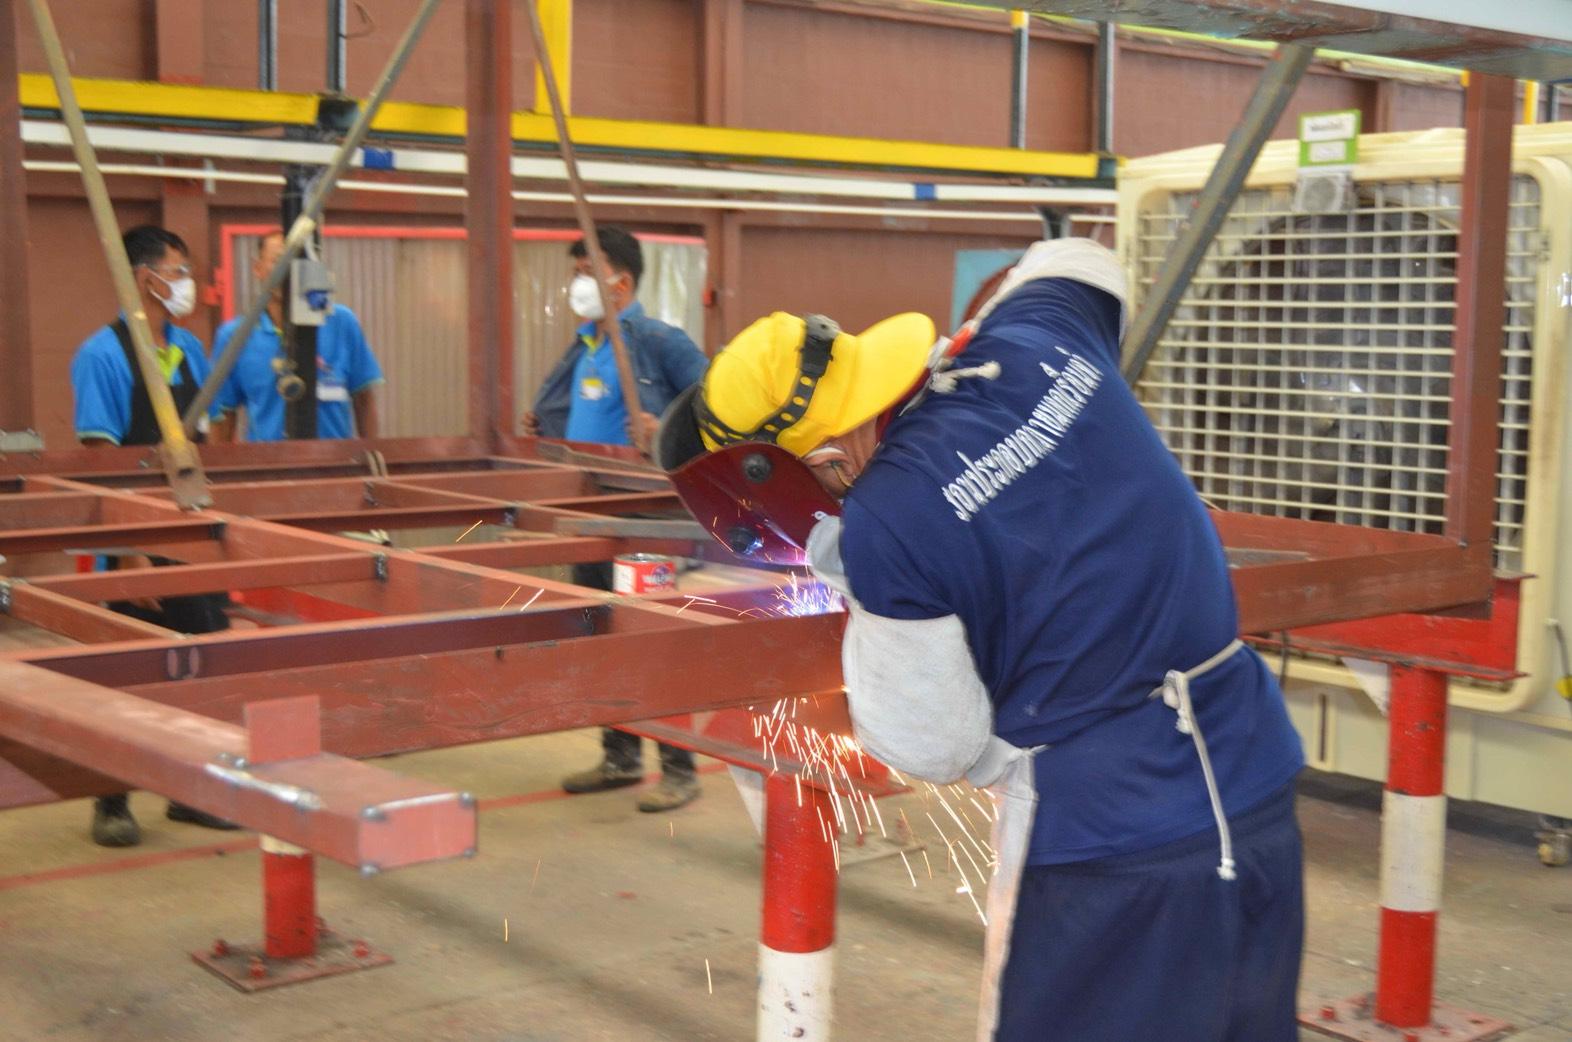 บิ๊ก ยุติธรรม - แรงงาน ลงพื้นที่โรงงานปทุมธานี ร่วมขับเคลื่อนสร้างอาชีพผู้ต้องขัง